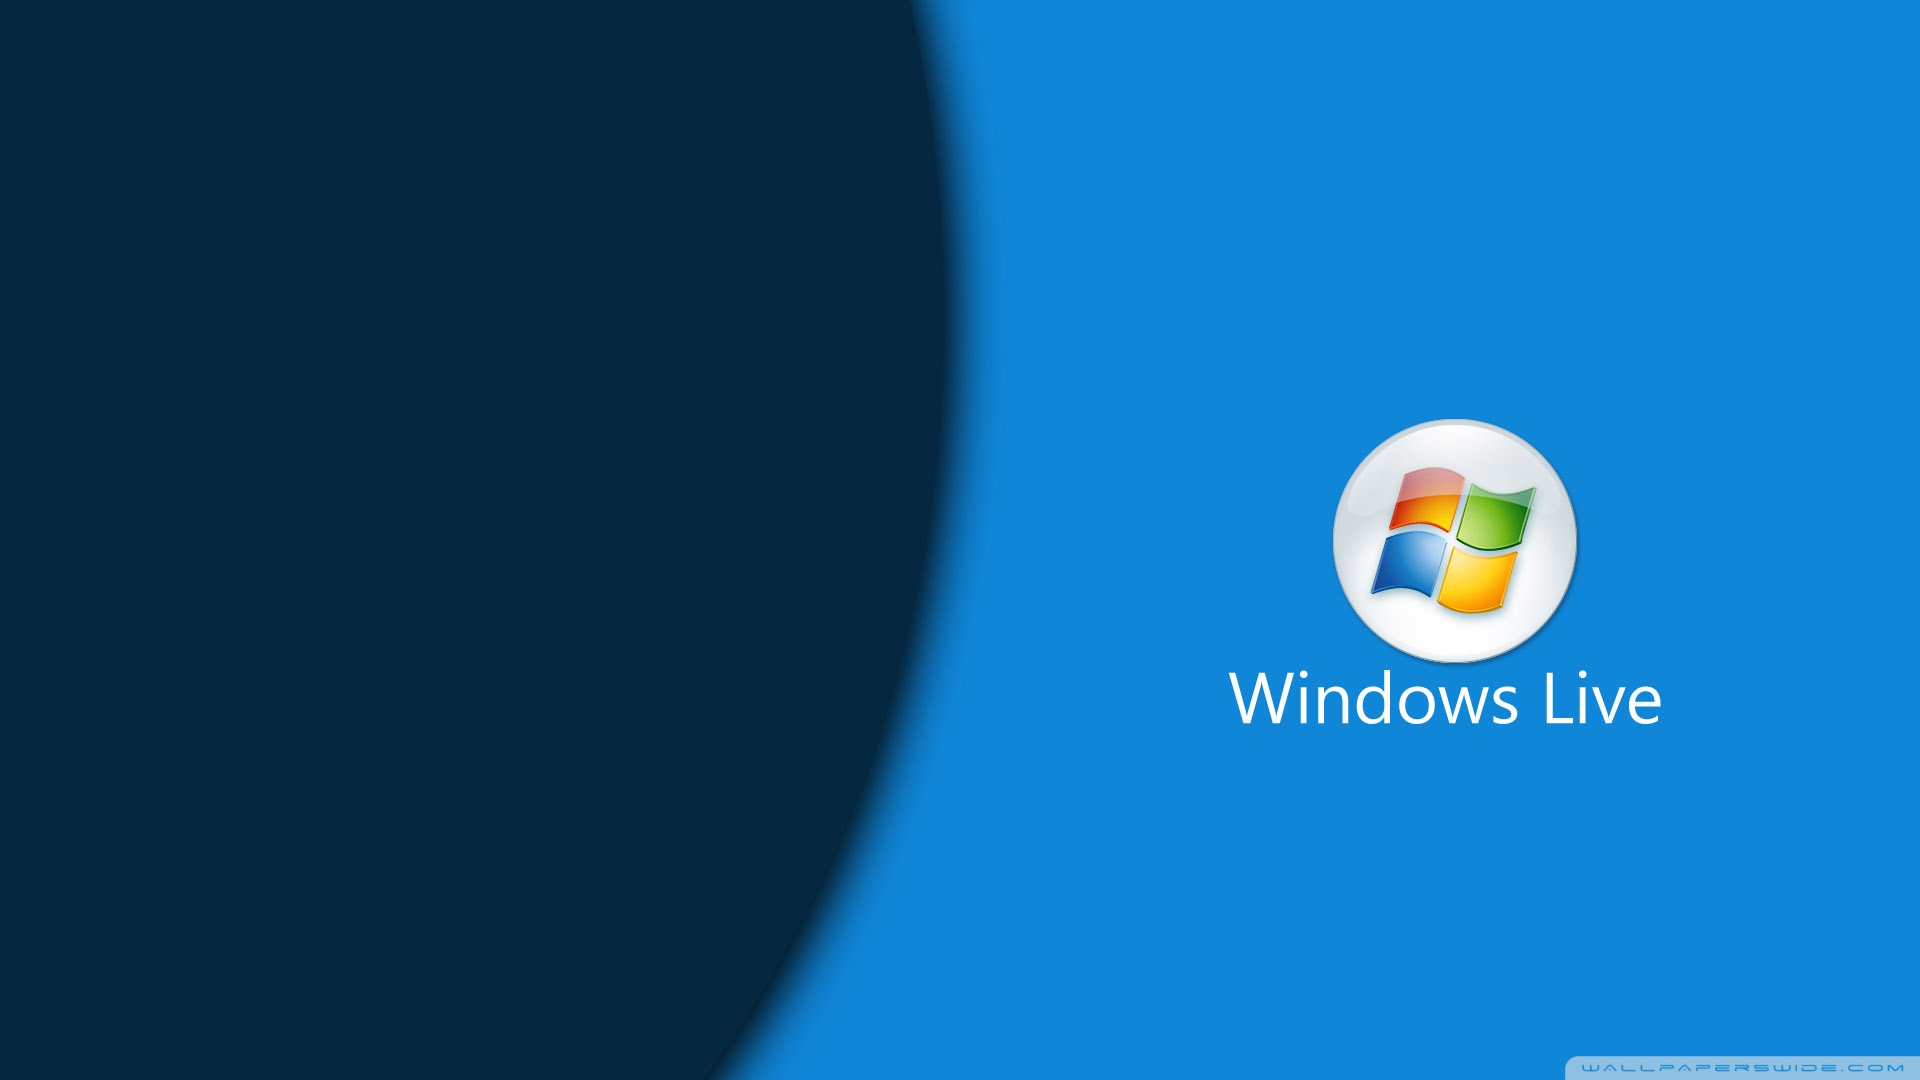 Windows Live HD desktop wallpaper : Widescreen : High Definition